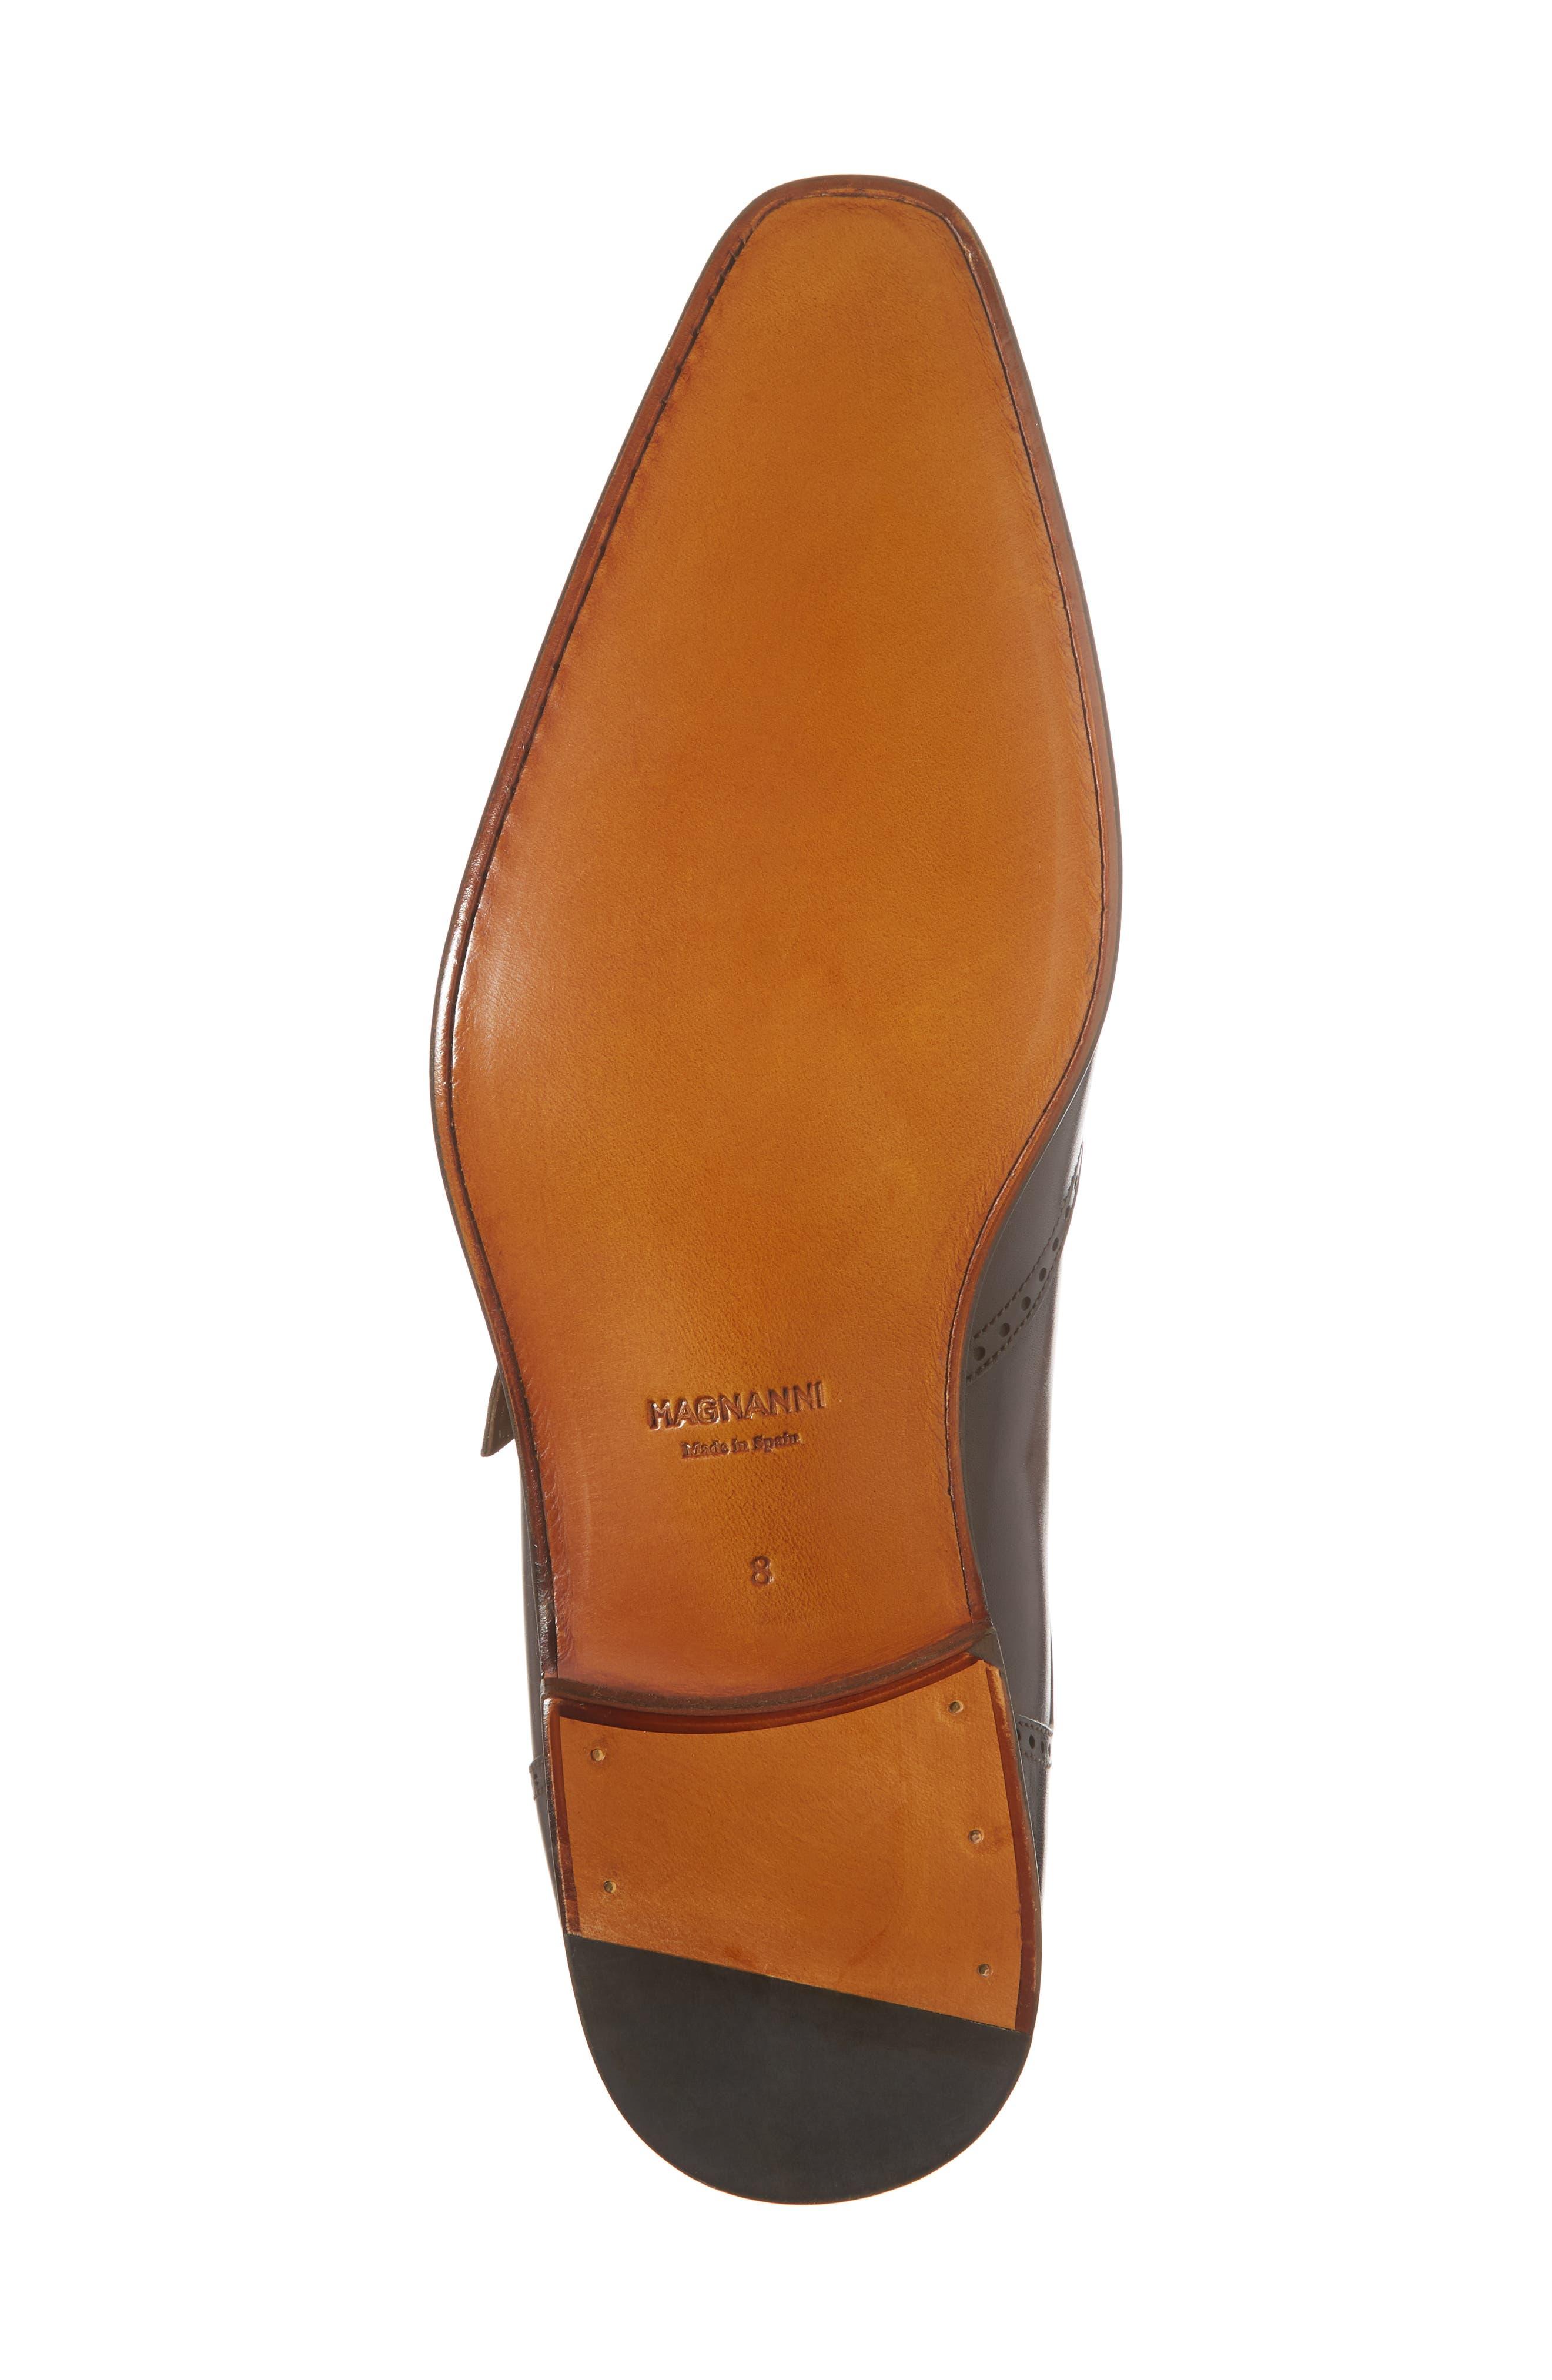 Dixon Wingtip Double Strap Monk Shoe,                             Alternate thumbnail 6, color,                             Tobacco Leather